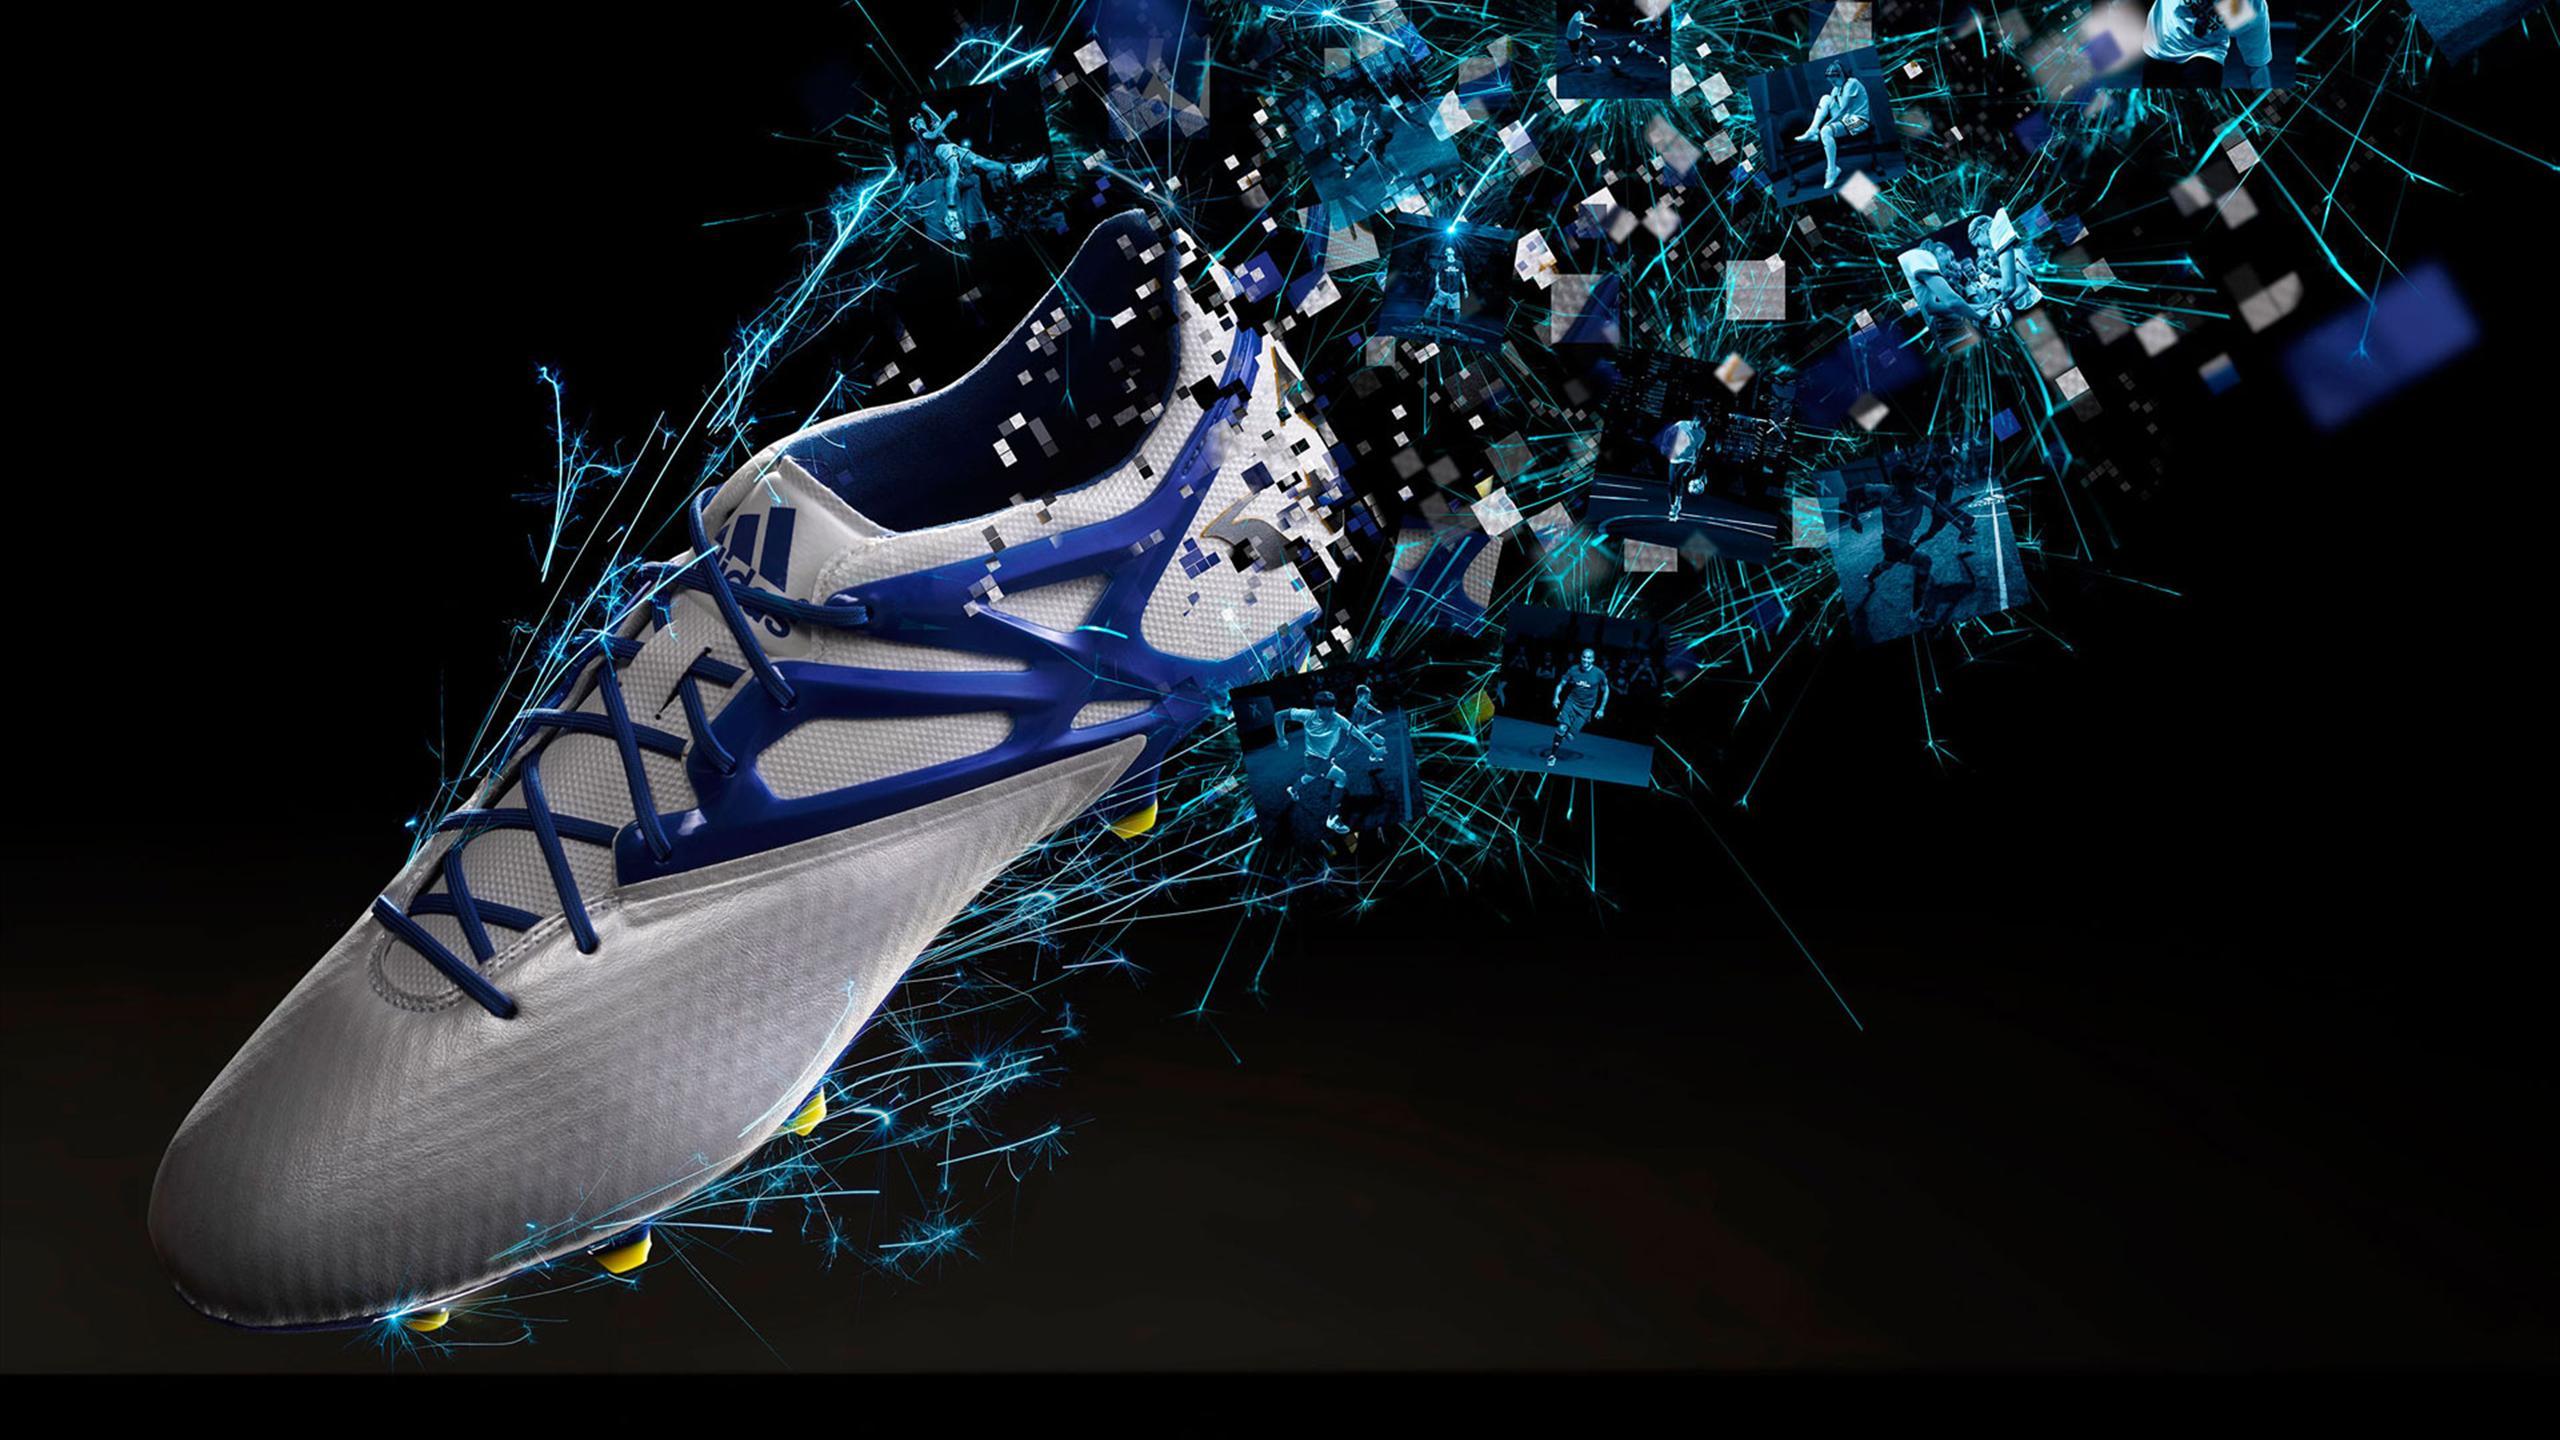 Foot Les De Chaussures Economie À Recycler Veut L'infini Adidas OuTwkXZiP